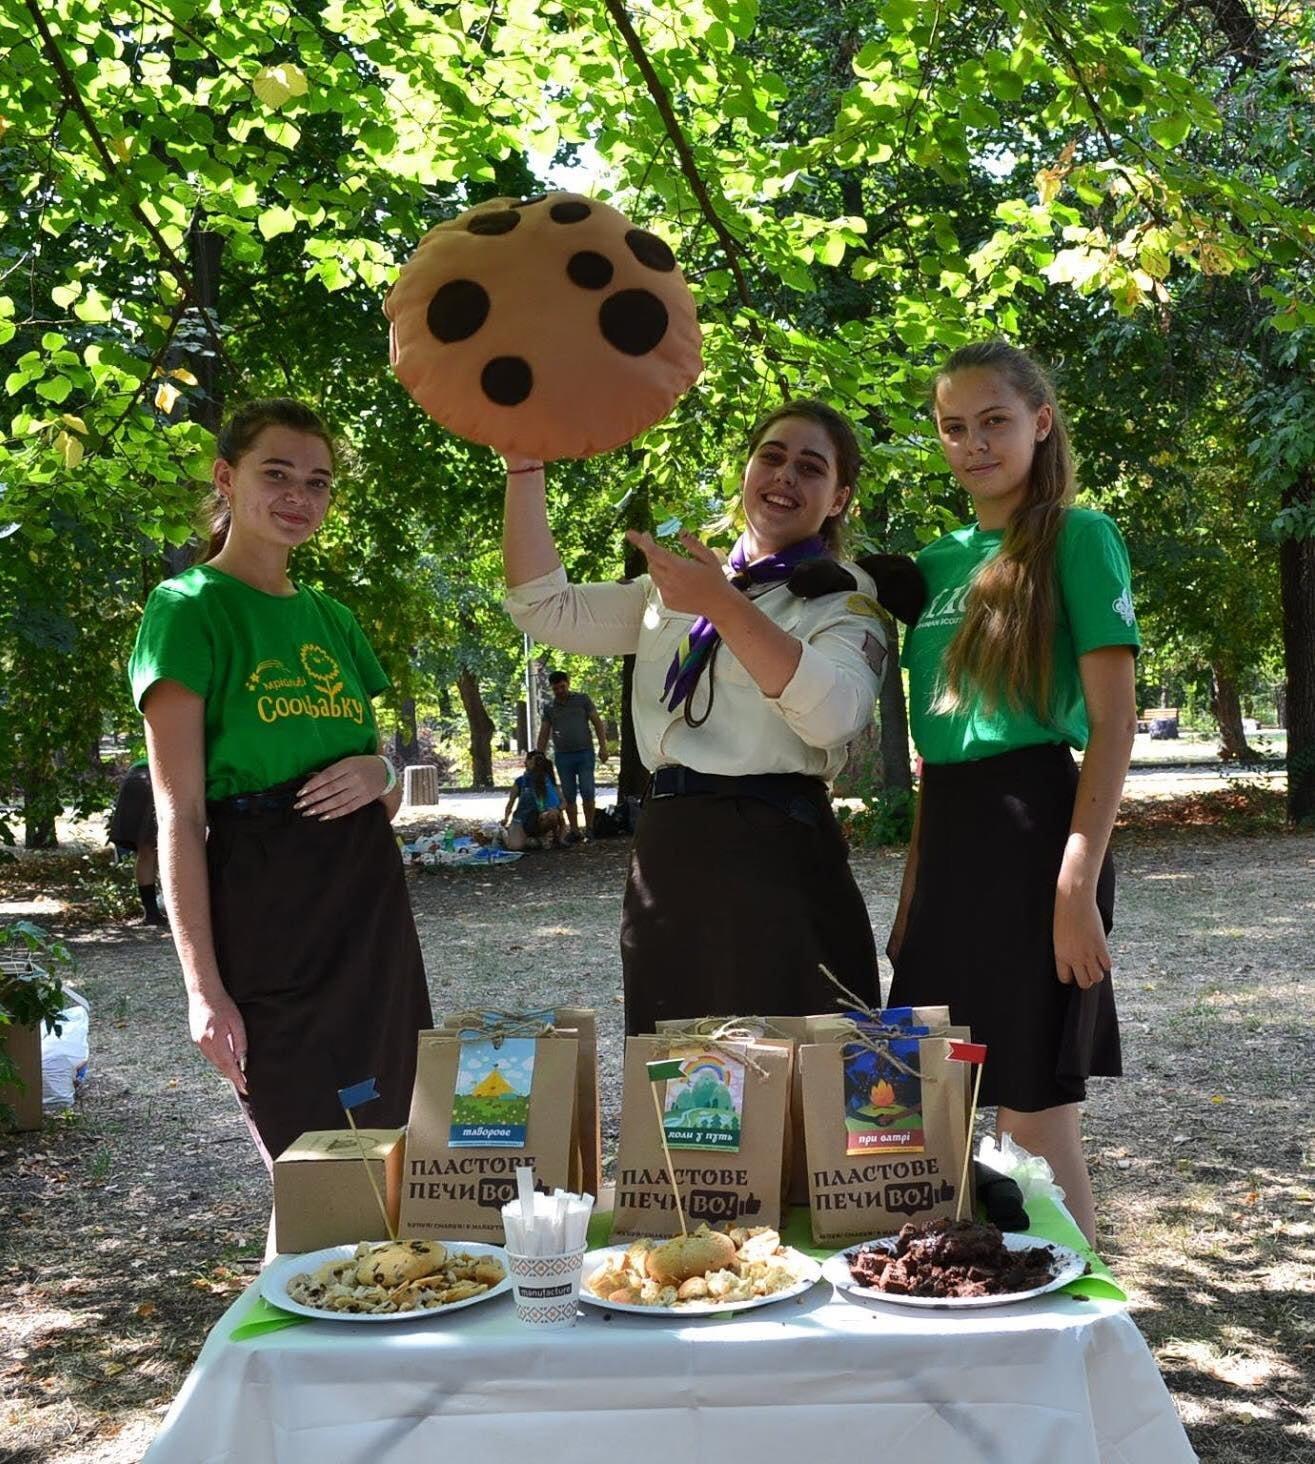 В Кривом Роге можно купить пластовое печенье, приготовленное по уникальному рецепту, - ФОТО, фото-3